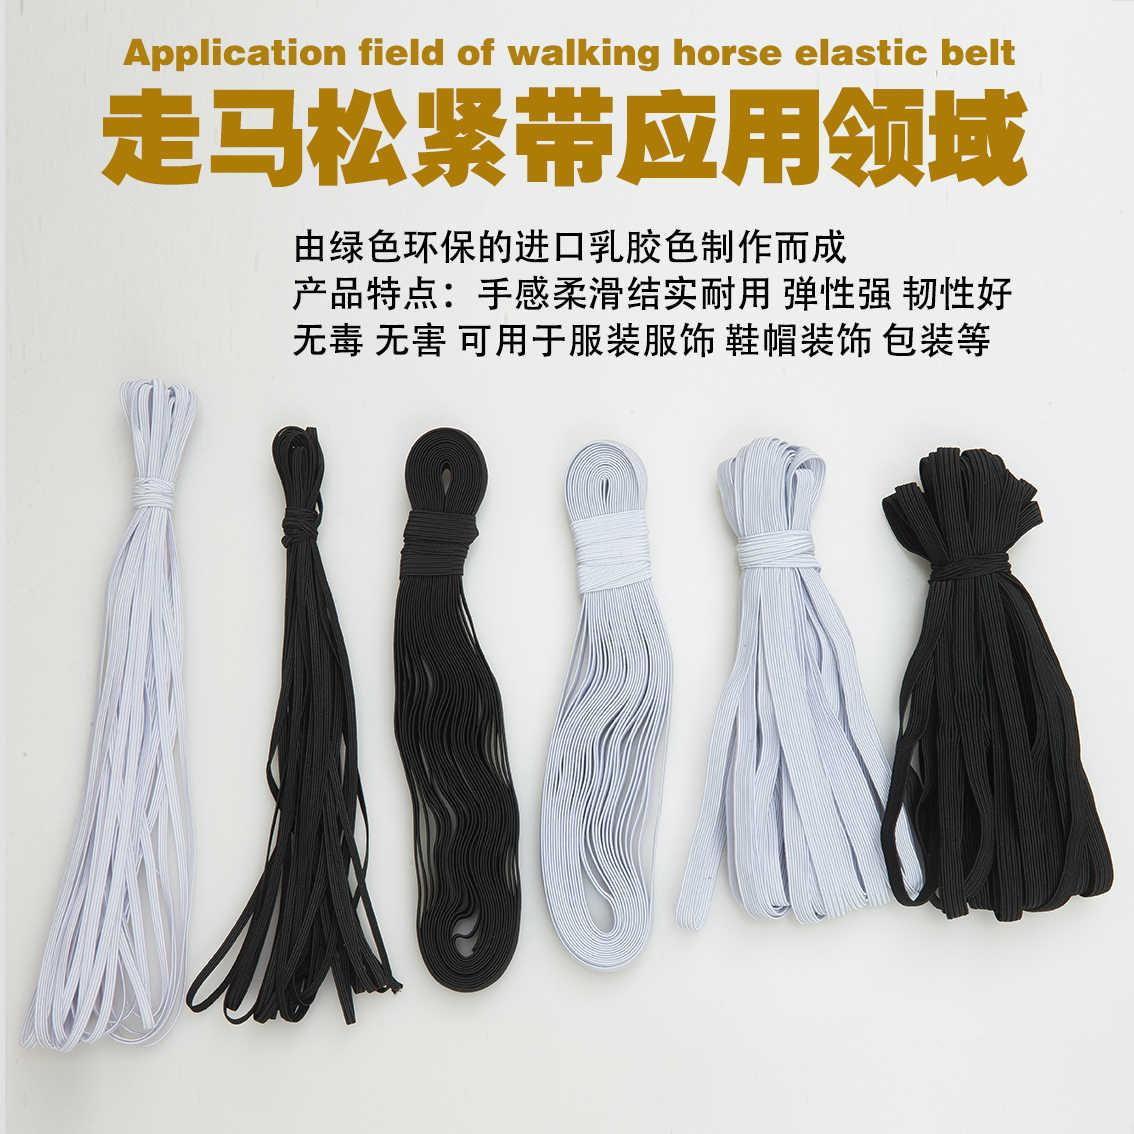 5 metros/lote 3/6/8/10/12mm banda elástica de costura colorida goma plana de alta elasticidad banda de la cintura cuerda elástica cinta elástica 5z